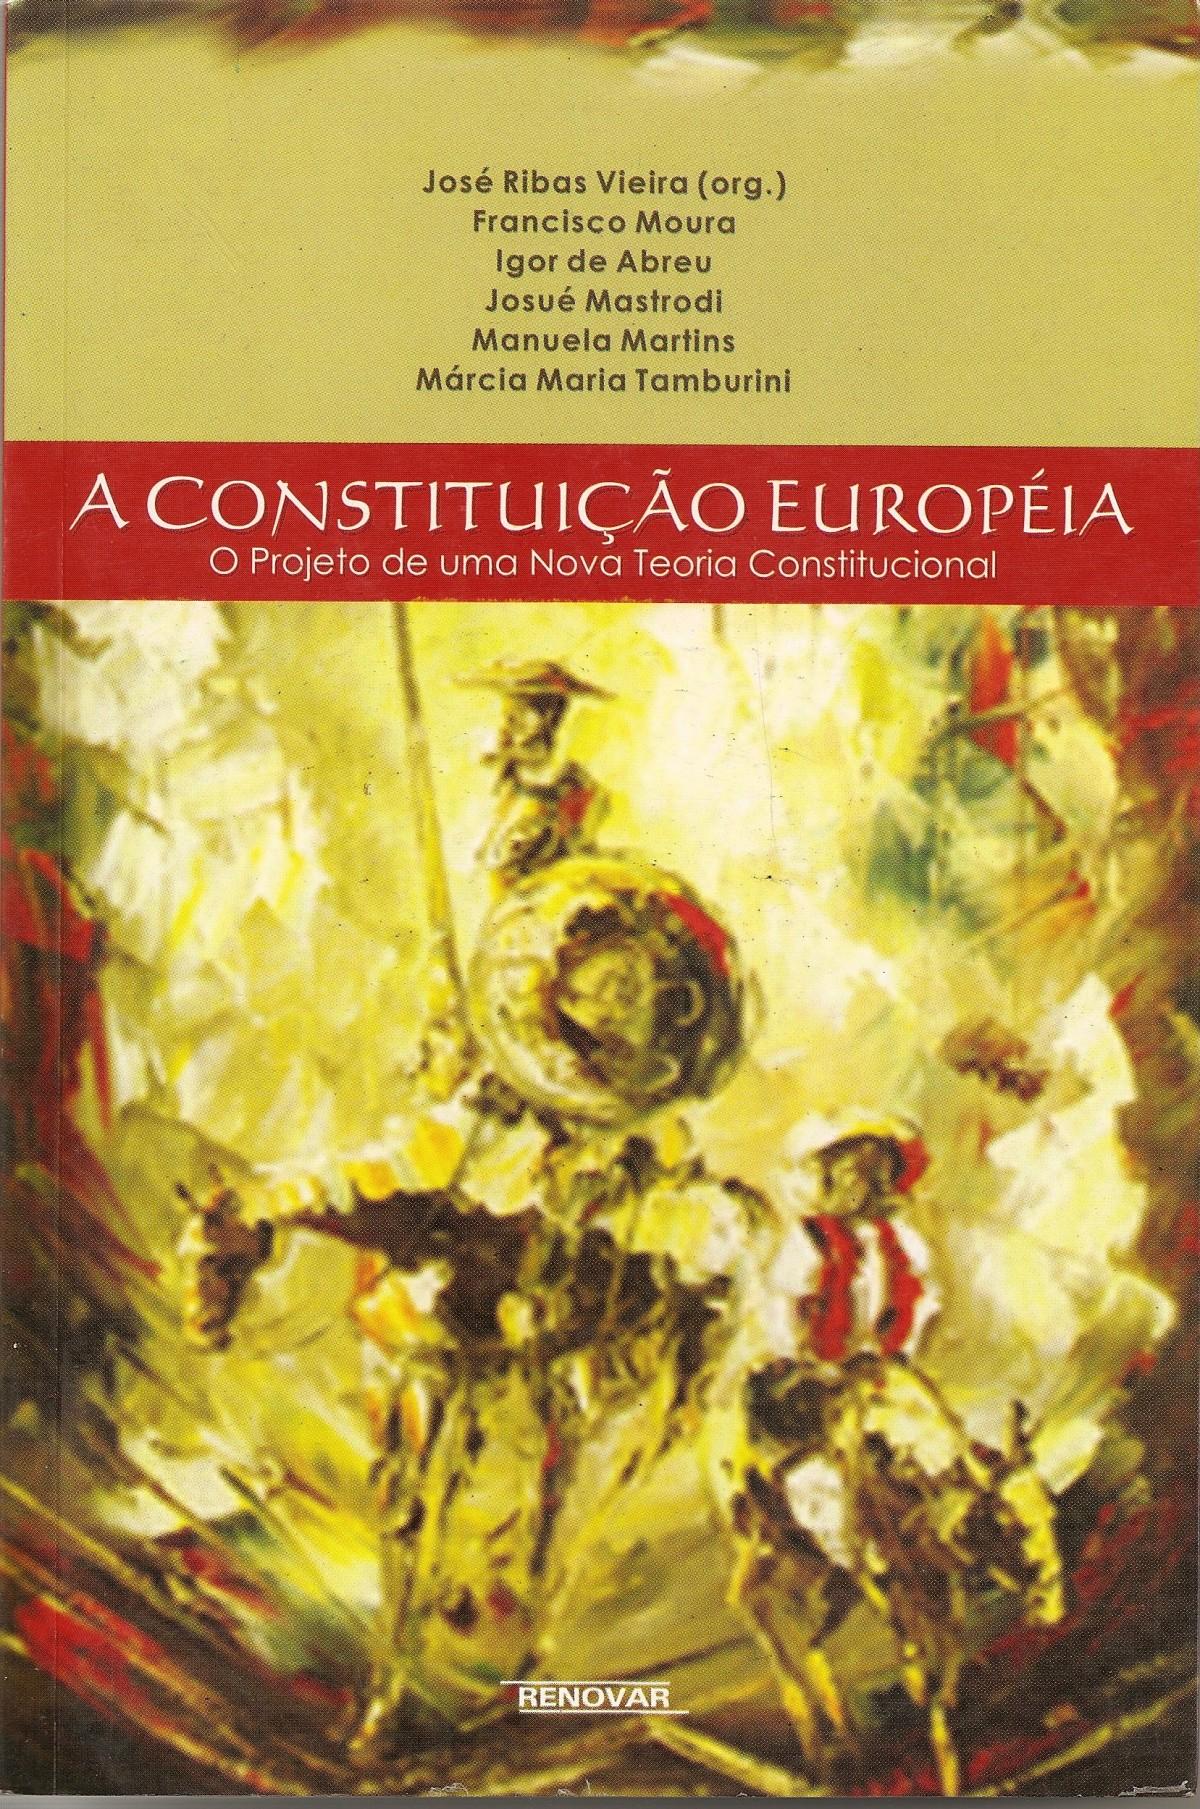 Foto 1 - A Constituição Europeia